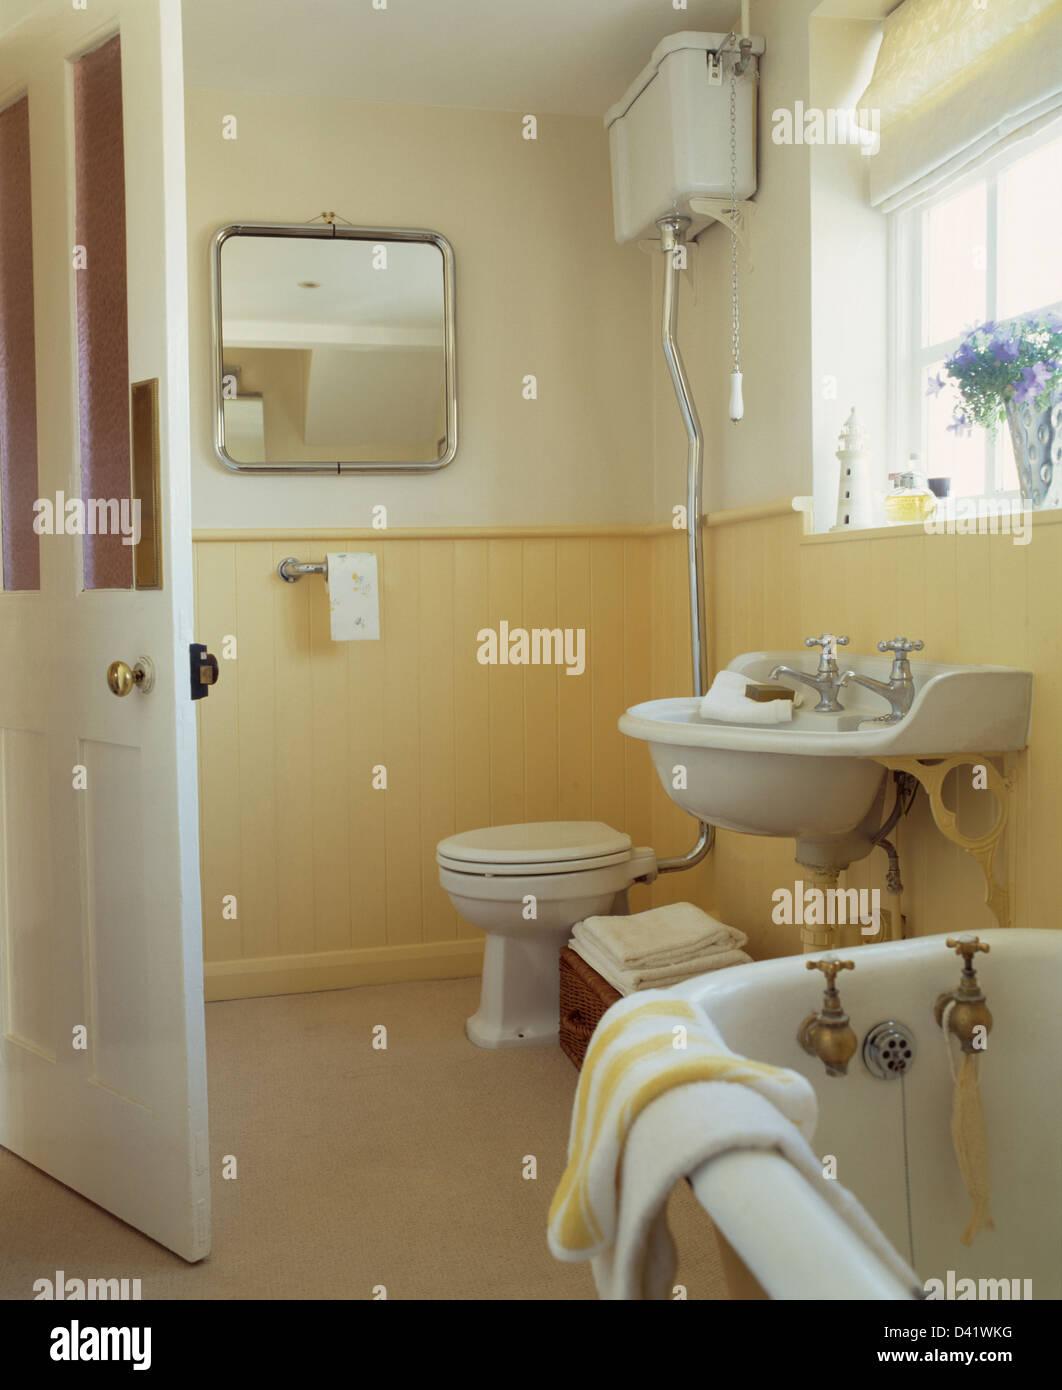 Metallo-specchio incorniciato e linguetta gialla+scanalatura ...